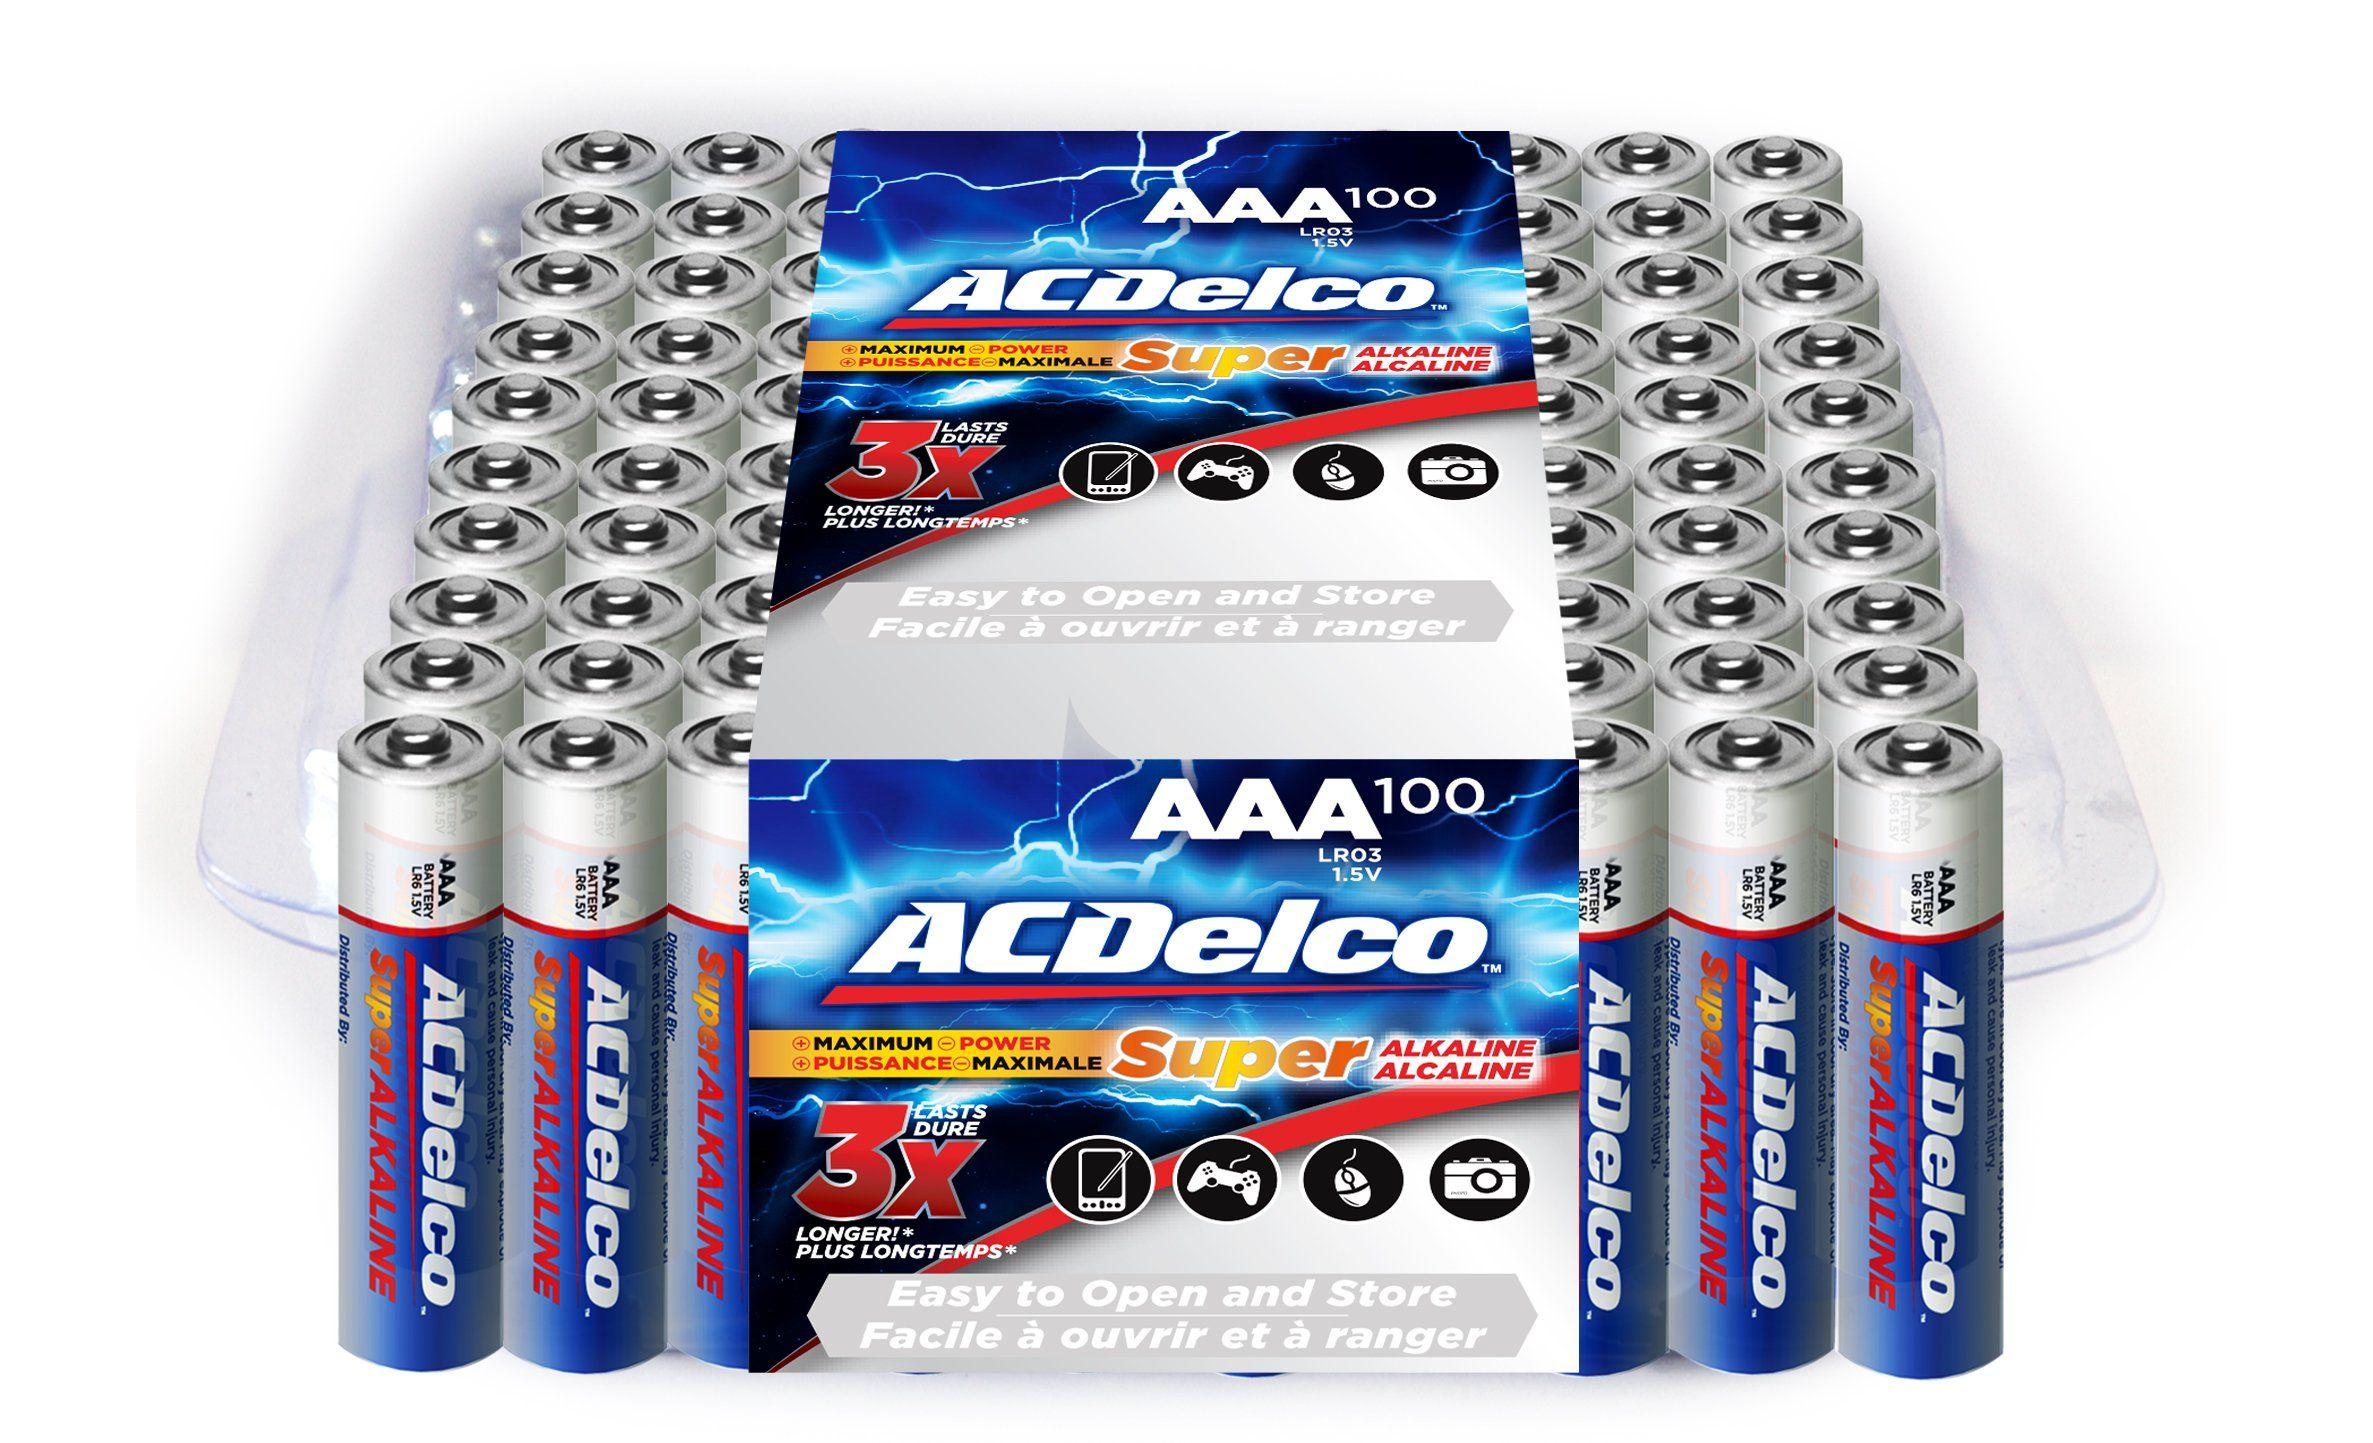 Acdelco Super Alkaline Aaa Batteries 100 Count Acdelco Alkaline Battery Aaa Batteries